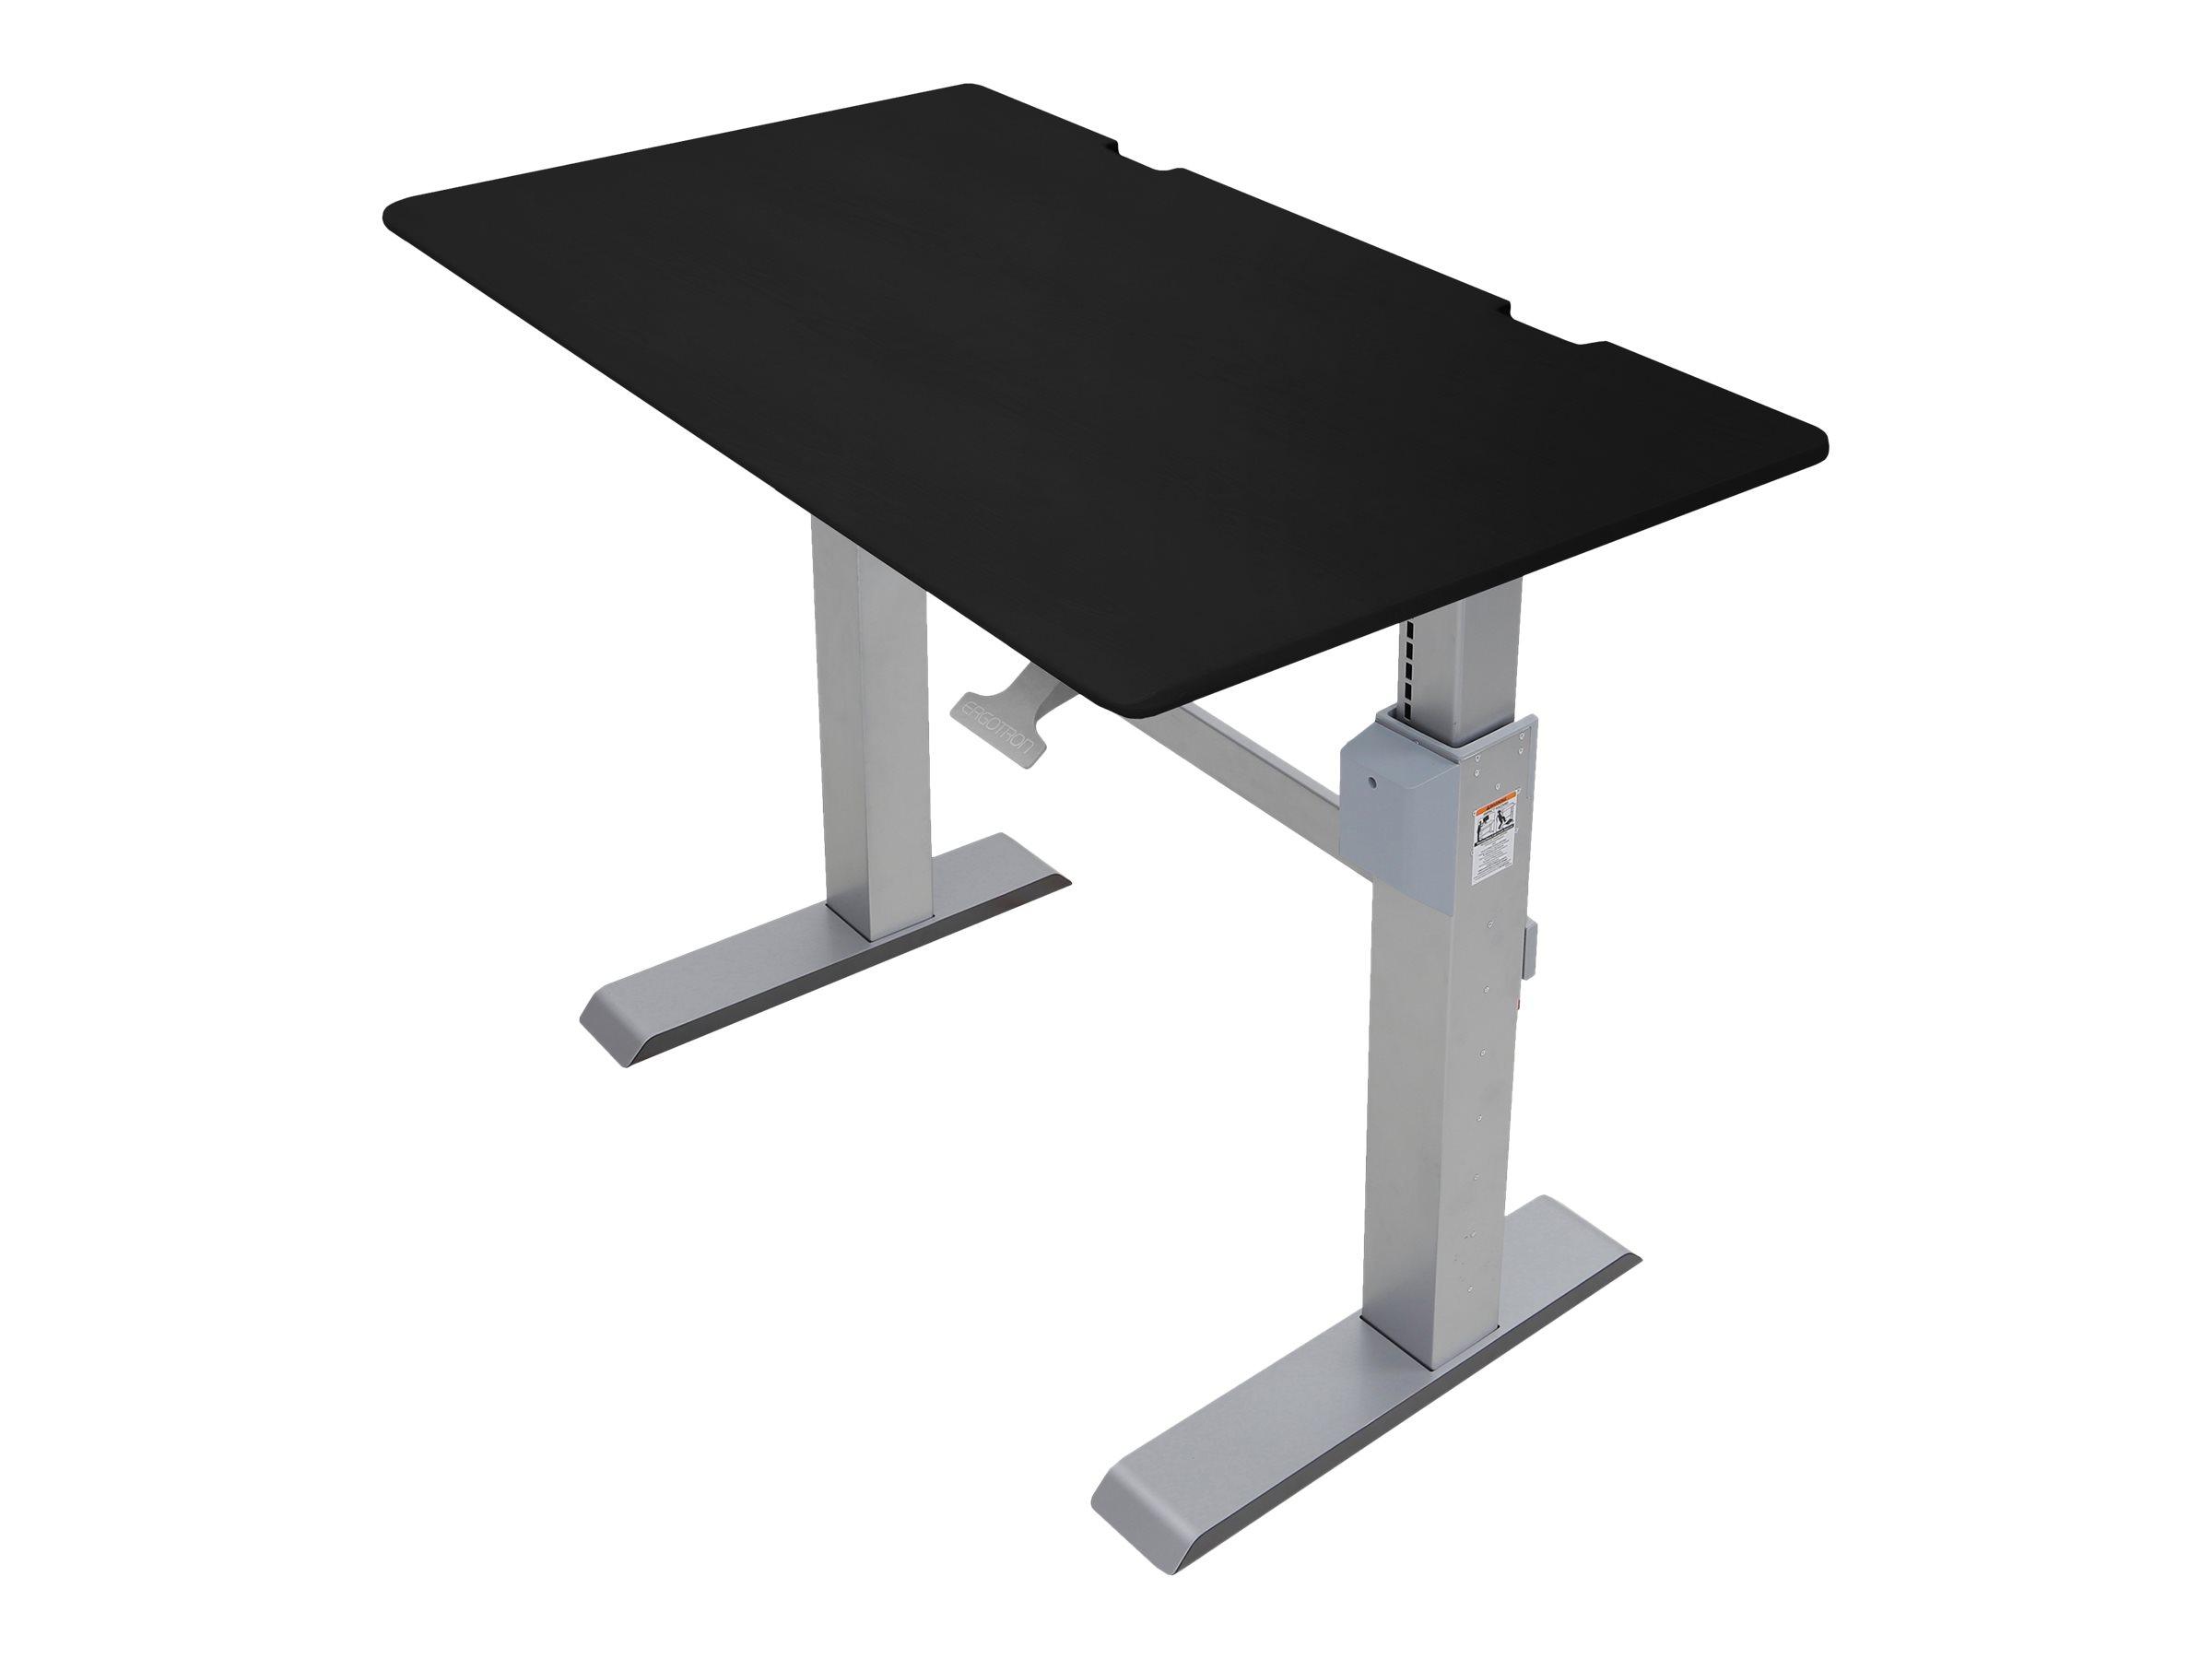 Ergotron WorkFit-DL - Sitz-/ Stehtisch - mobil - Büro - rechteckig - Schwarz